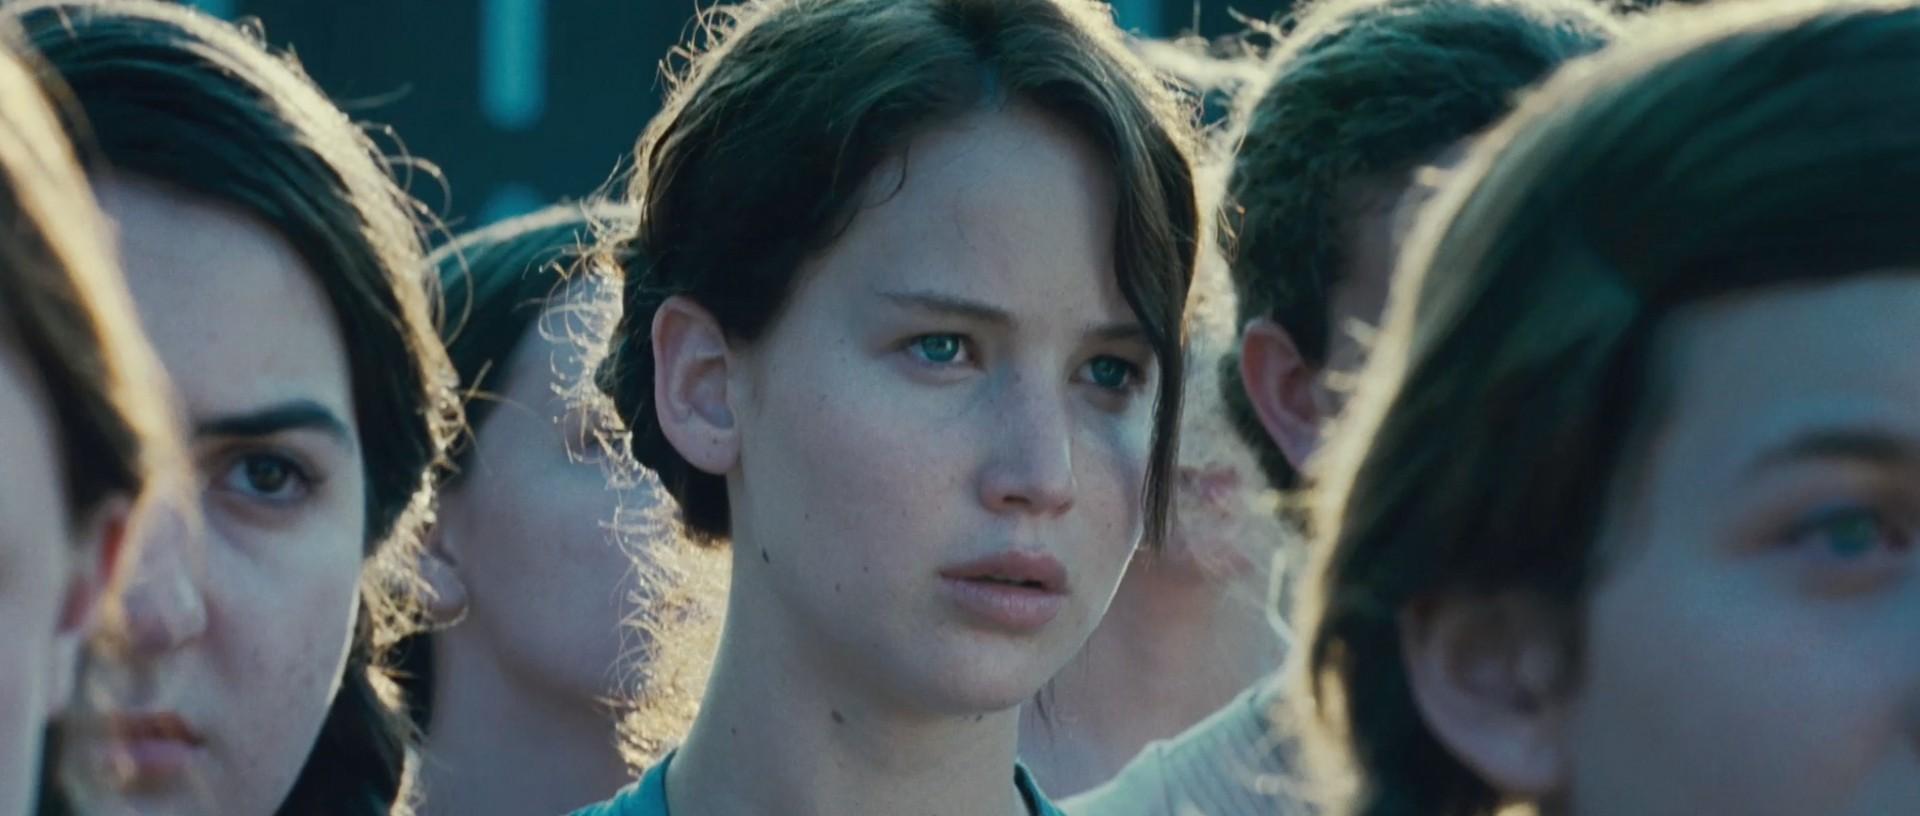 Jennifer as The Hunger Games' Katniss Everdeen